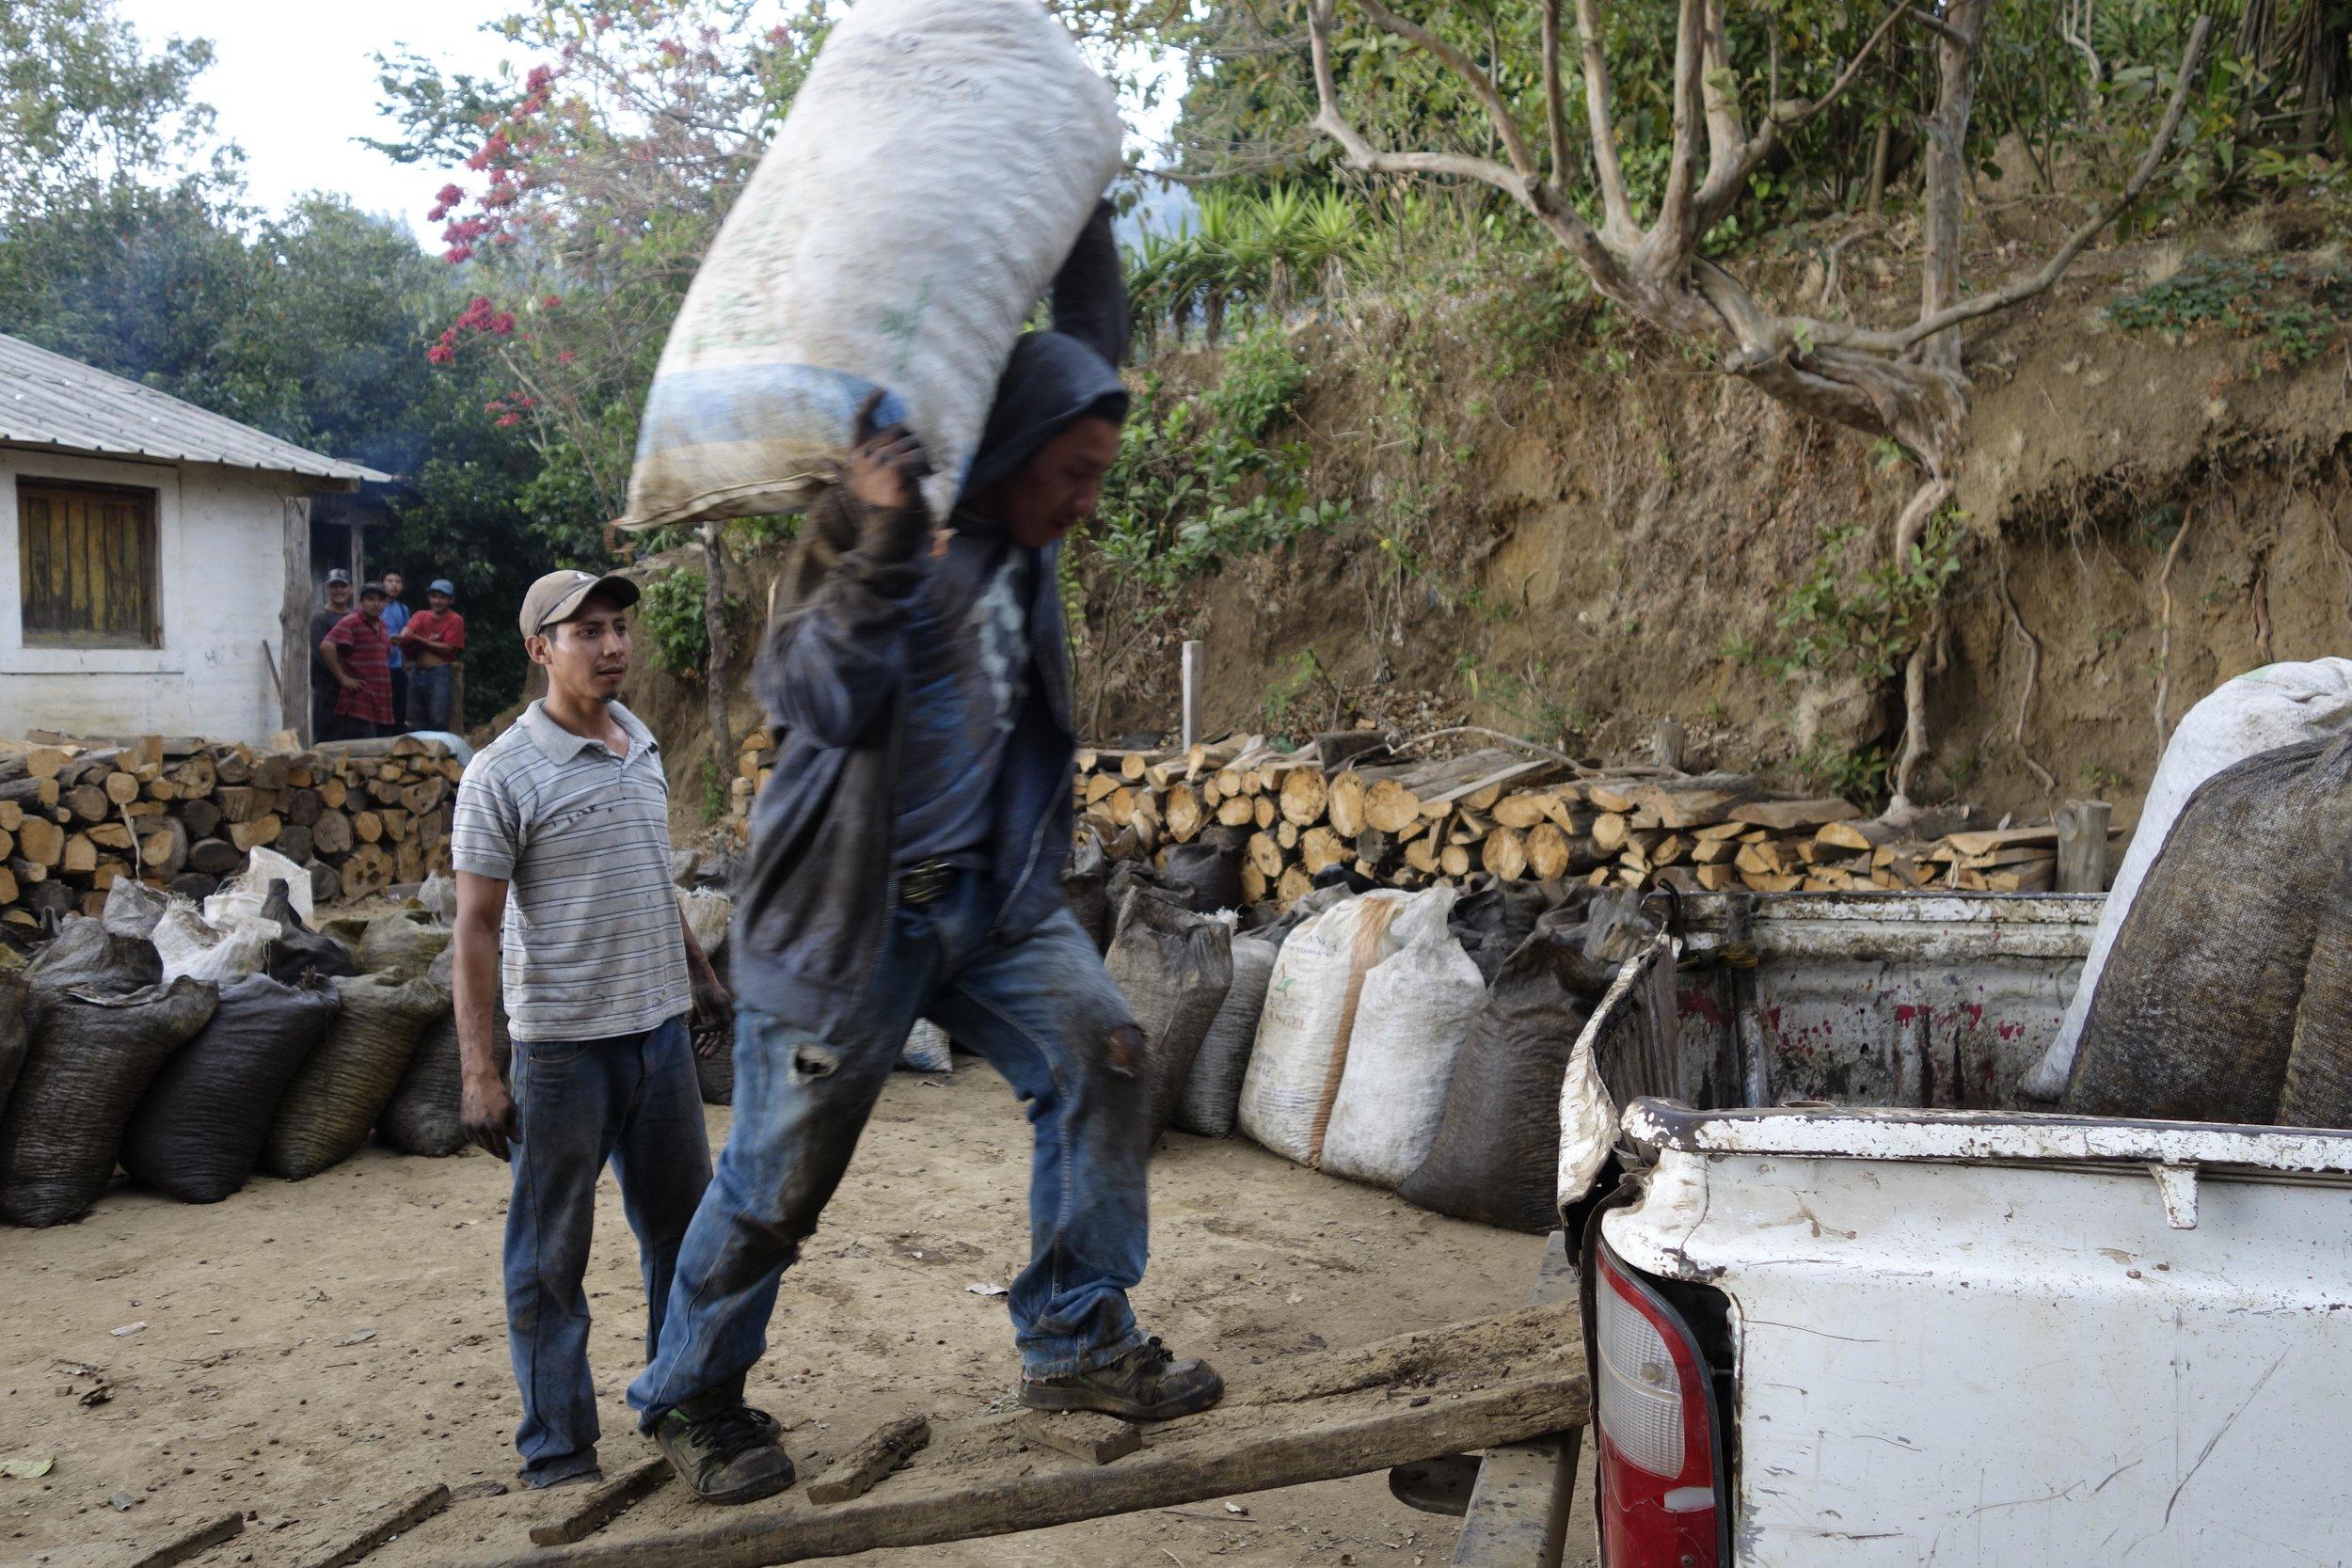 El Salvador - Las Ranas5.jpg